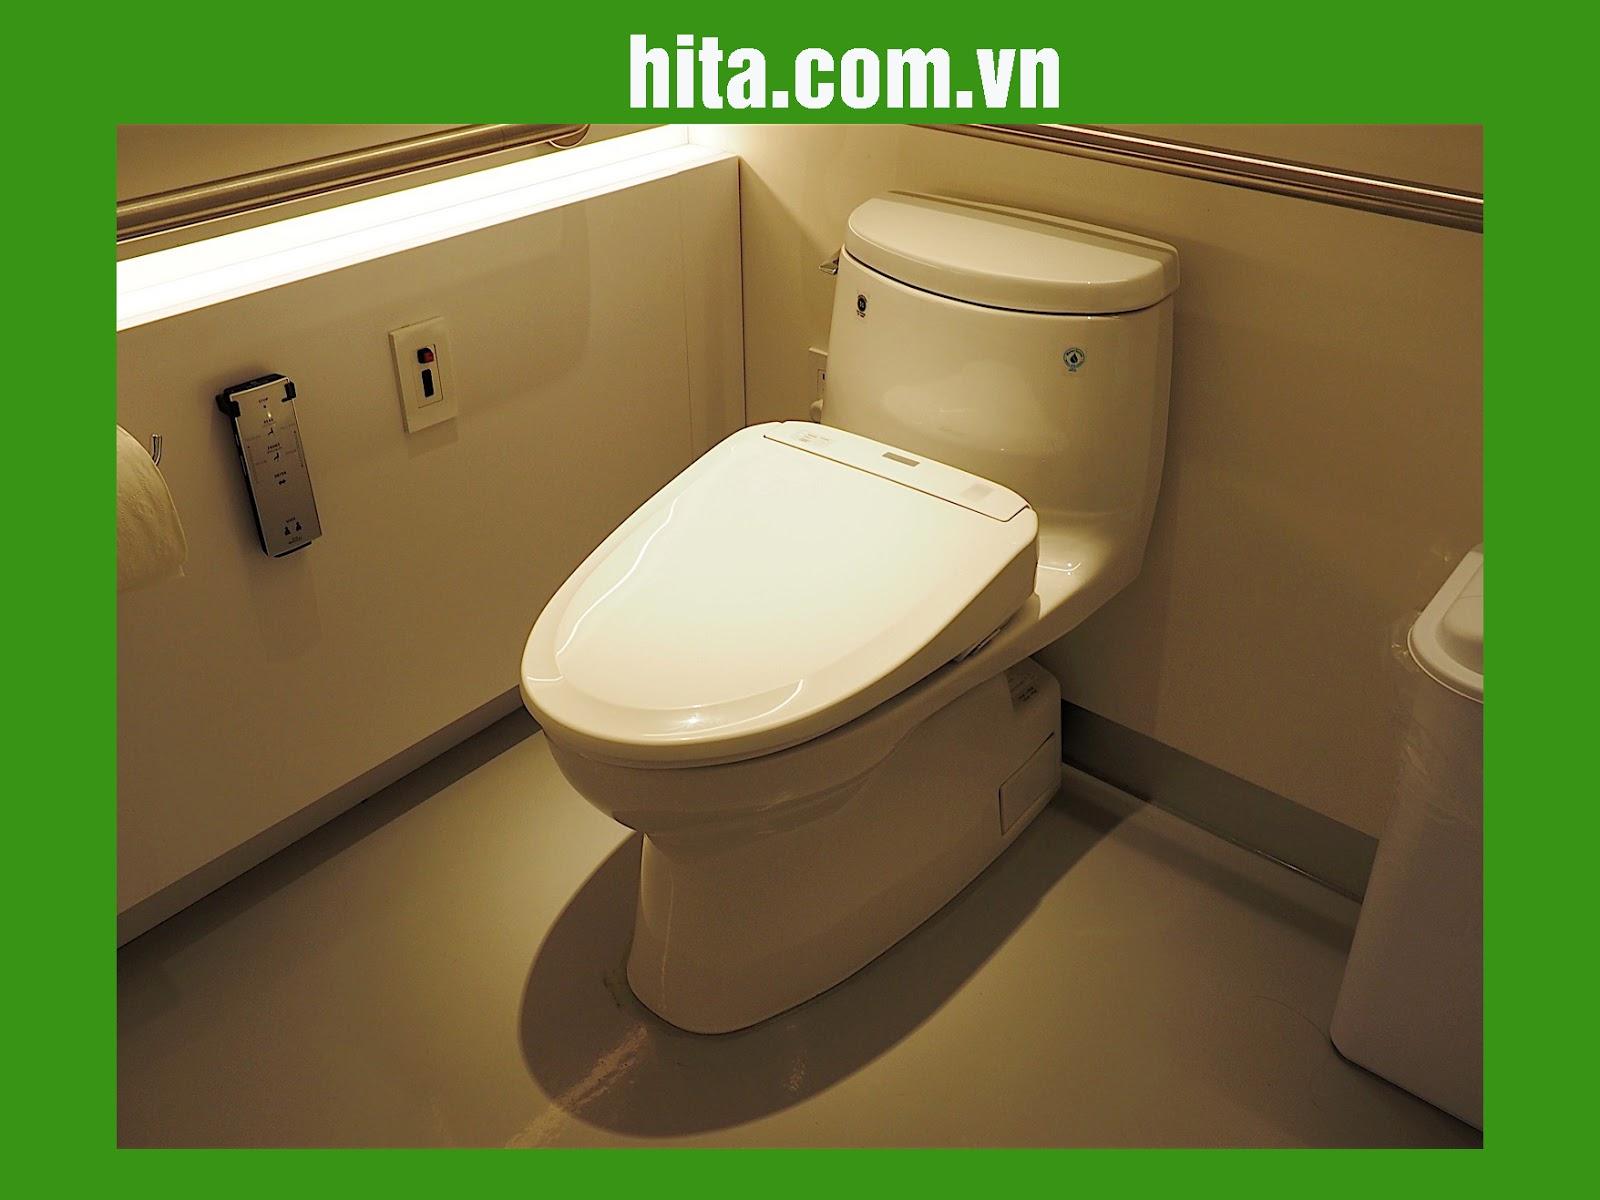 Toto hy vọng sẽ thu hút khách hàng với showroom nhà vệ sinh công nghệ cao 2018